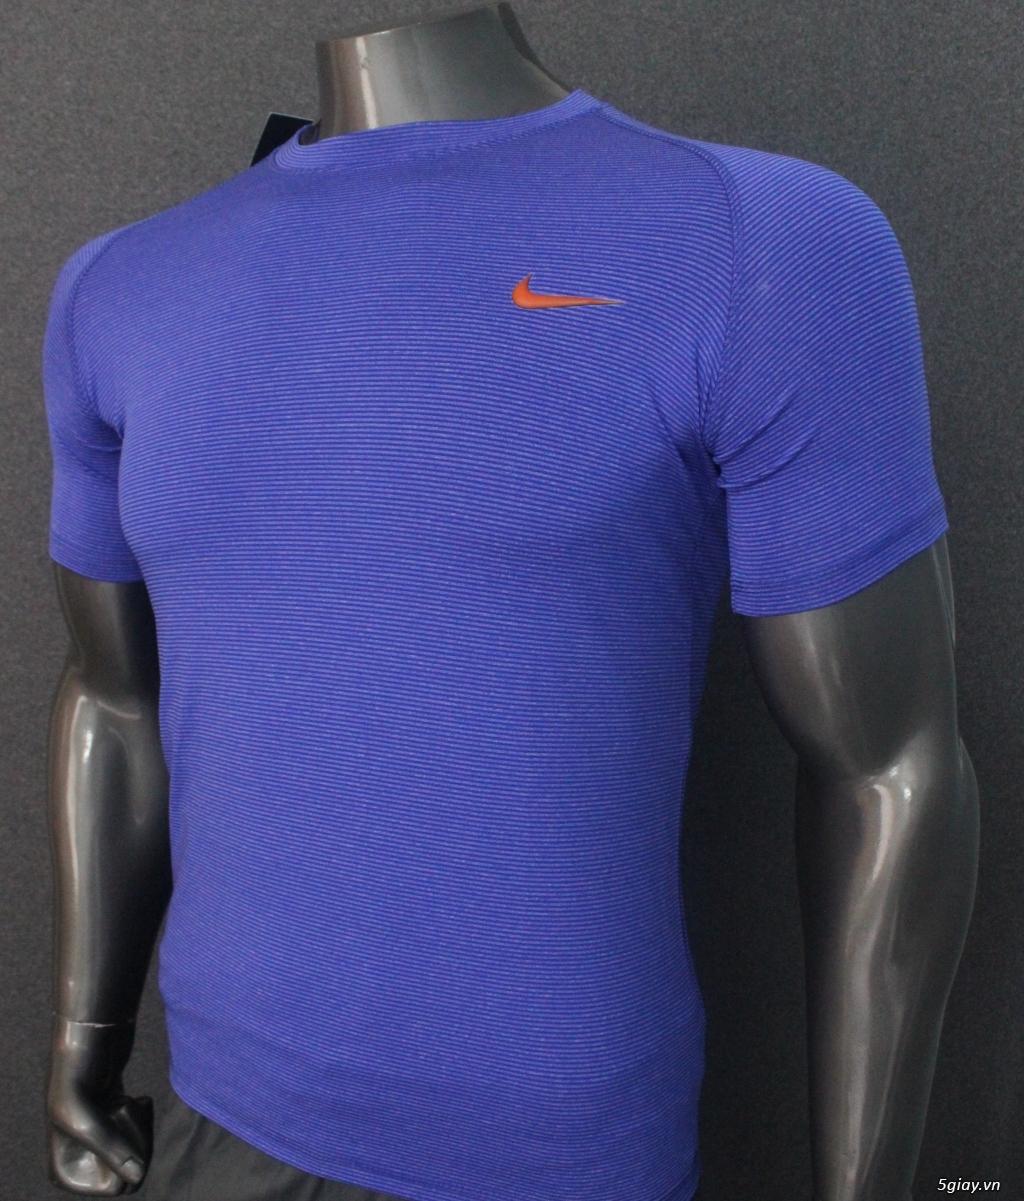 Chuyên cung cấp quần áo thể thao Adidas,Nike,Under Armour,Puma...trên Toàn Quốc giá xưởng - 13